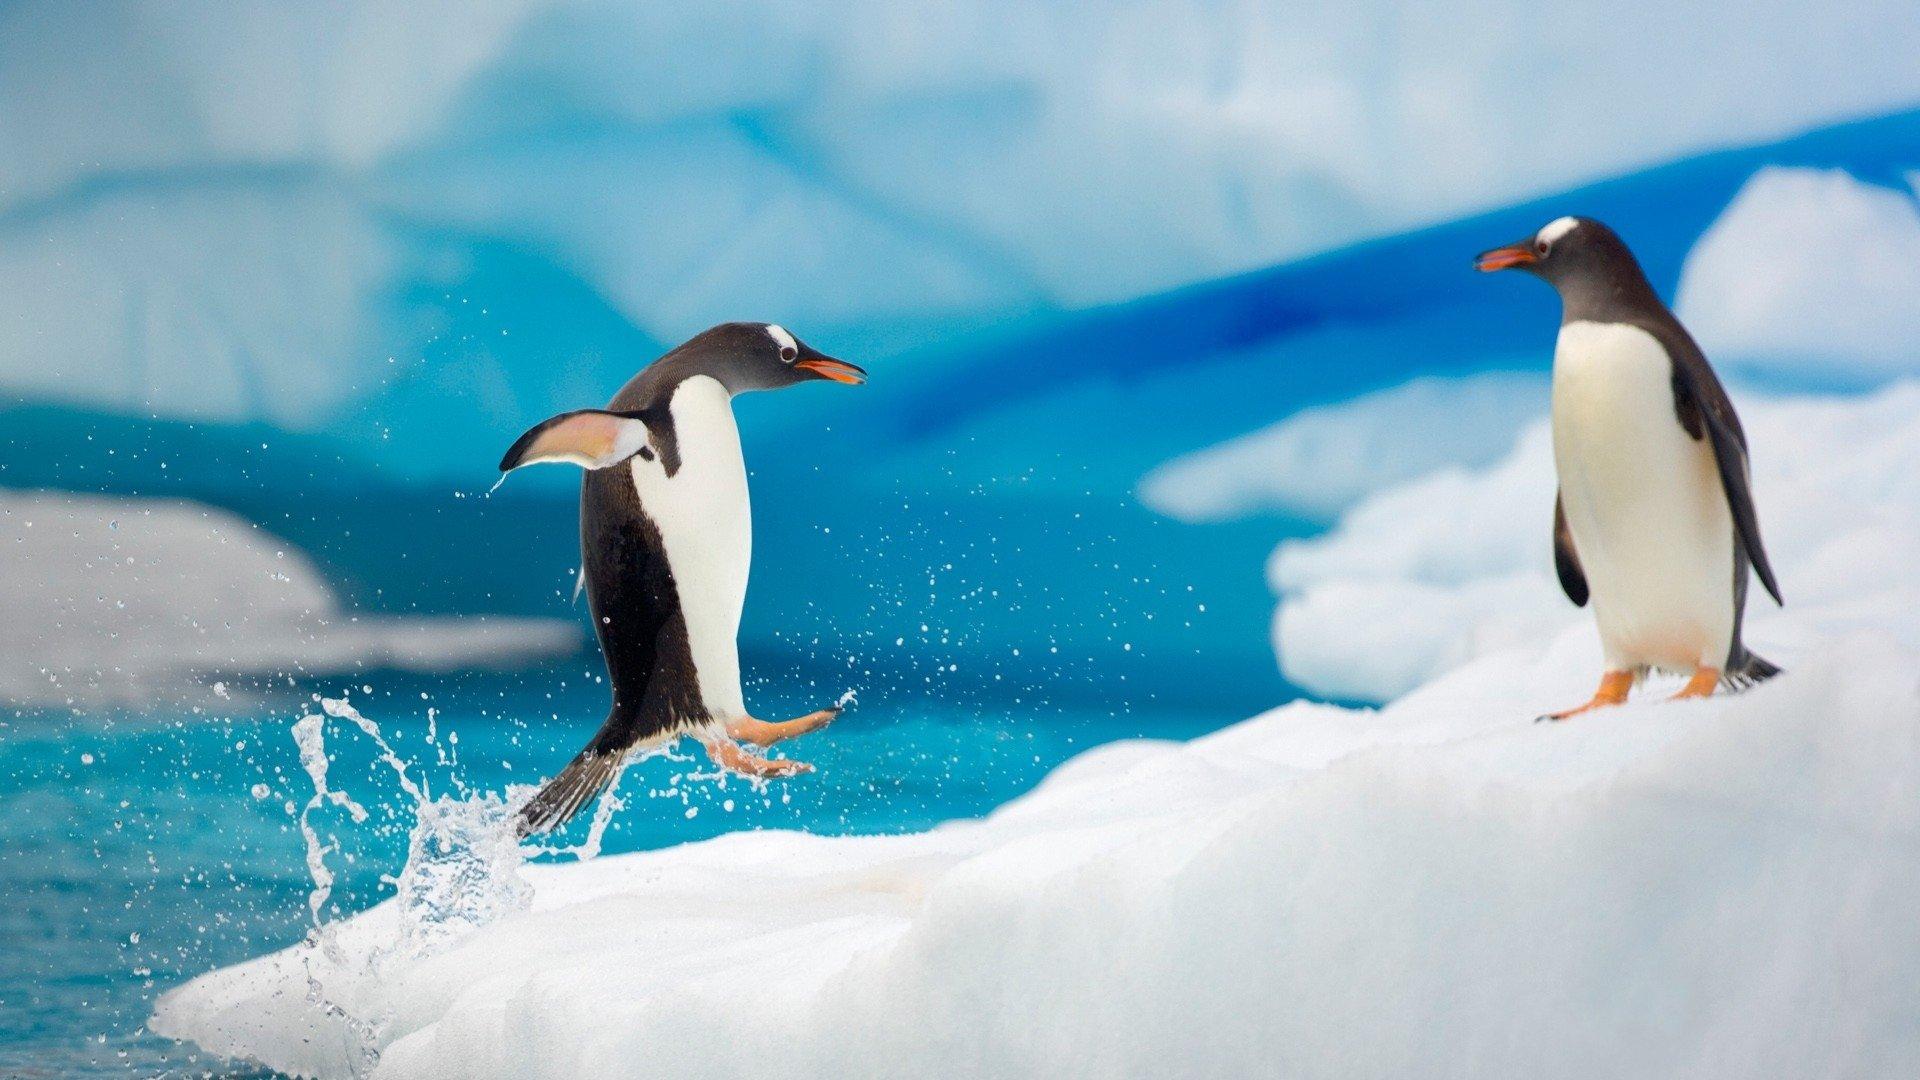 萌宠动物,萌宠,动物,极地物种,企鹅